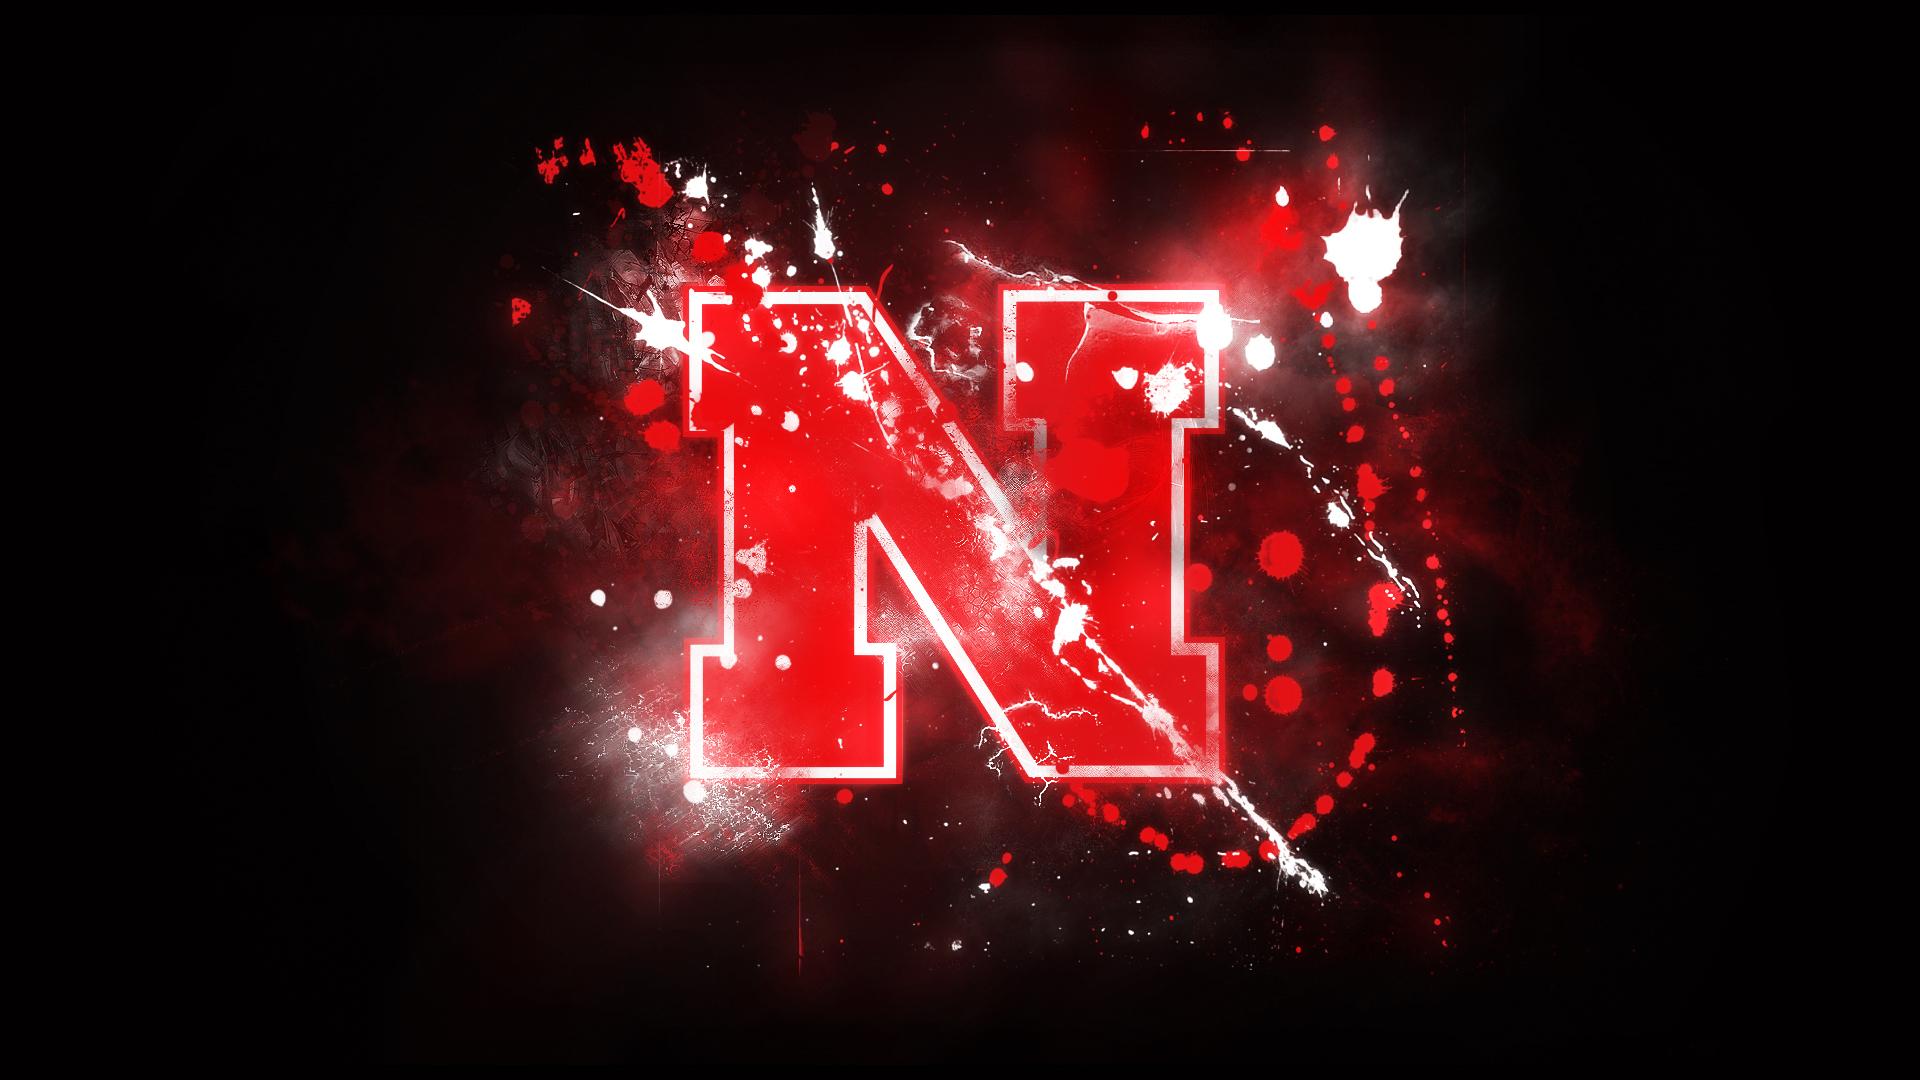 Hd Wallpaper Letter N: صور و خلفيات حرف N مميزة لكل من يبدأ أسمهم بحرف N